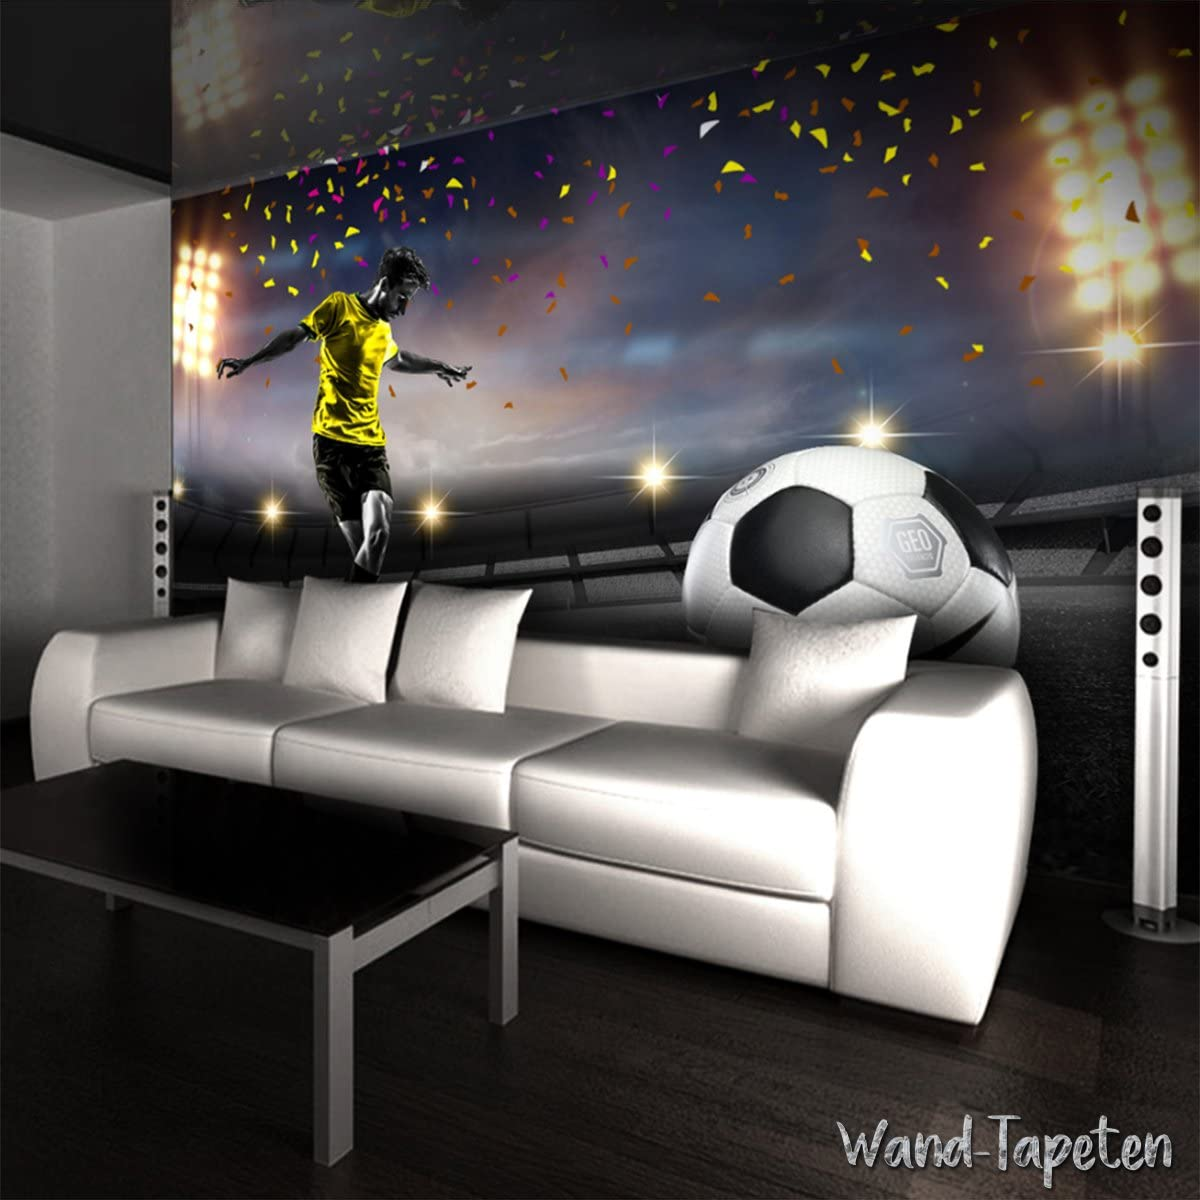 x 105cm 3-Bahne B H Papier peint photo mural papier peint photo mural 3d de stade de football KN-3547 XS 150cm